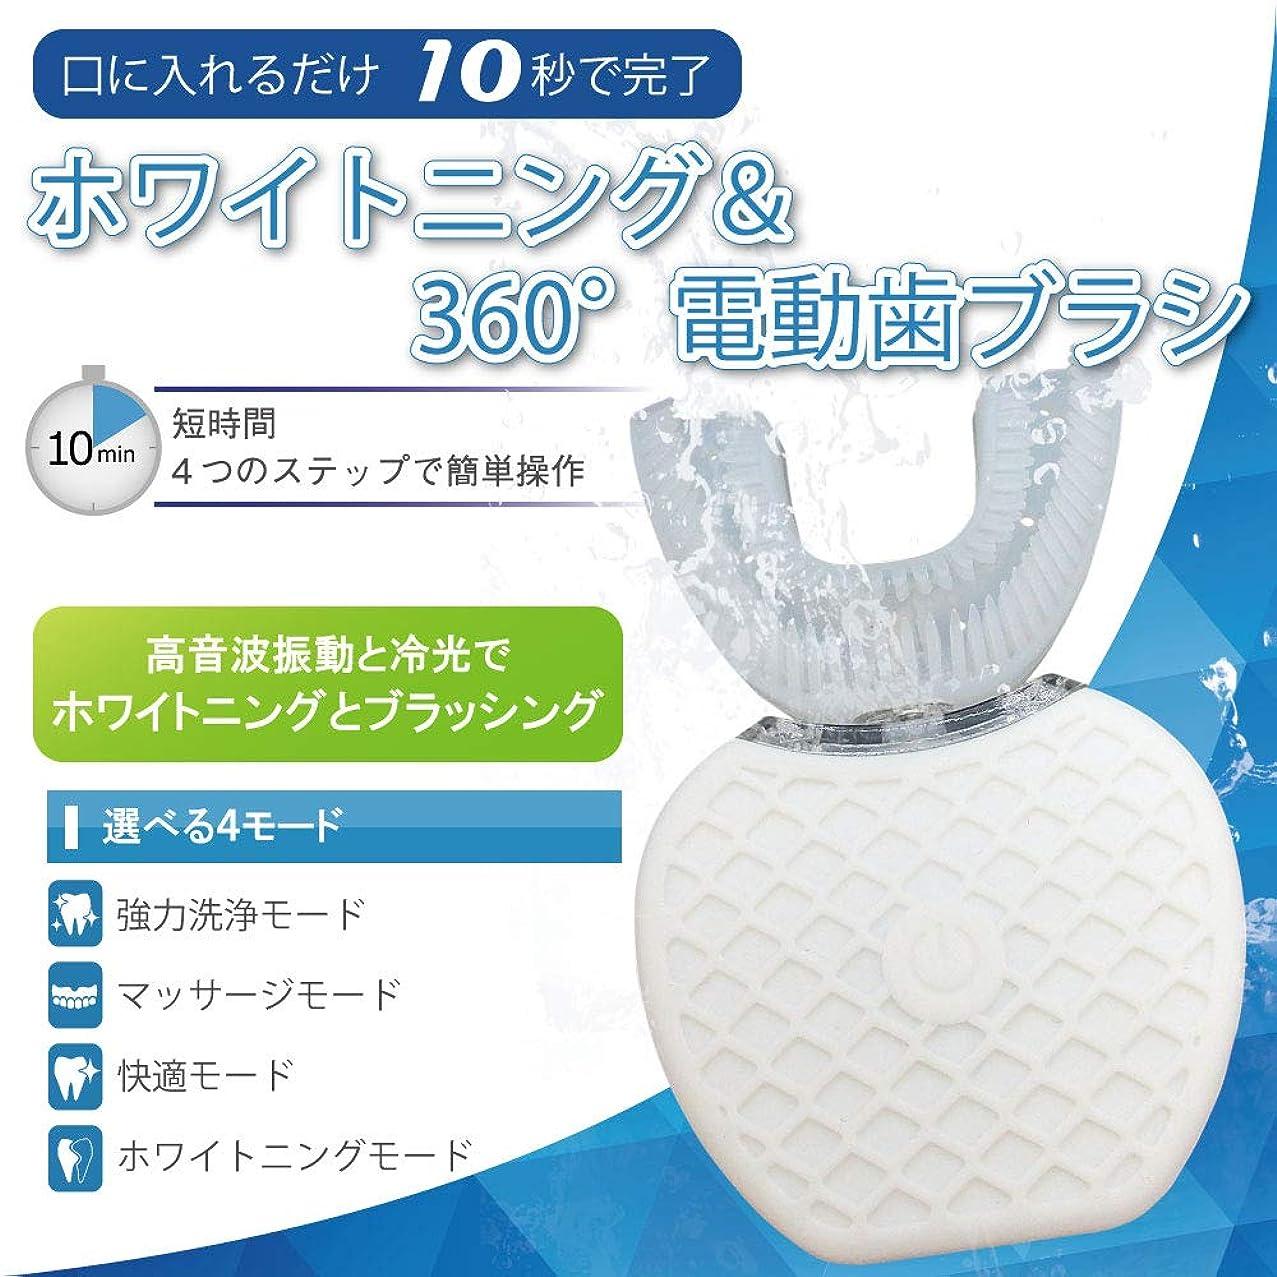 伝統歯紛争口に咥えるだけで歯全体を自動でブラッシング! マウスクリン